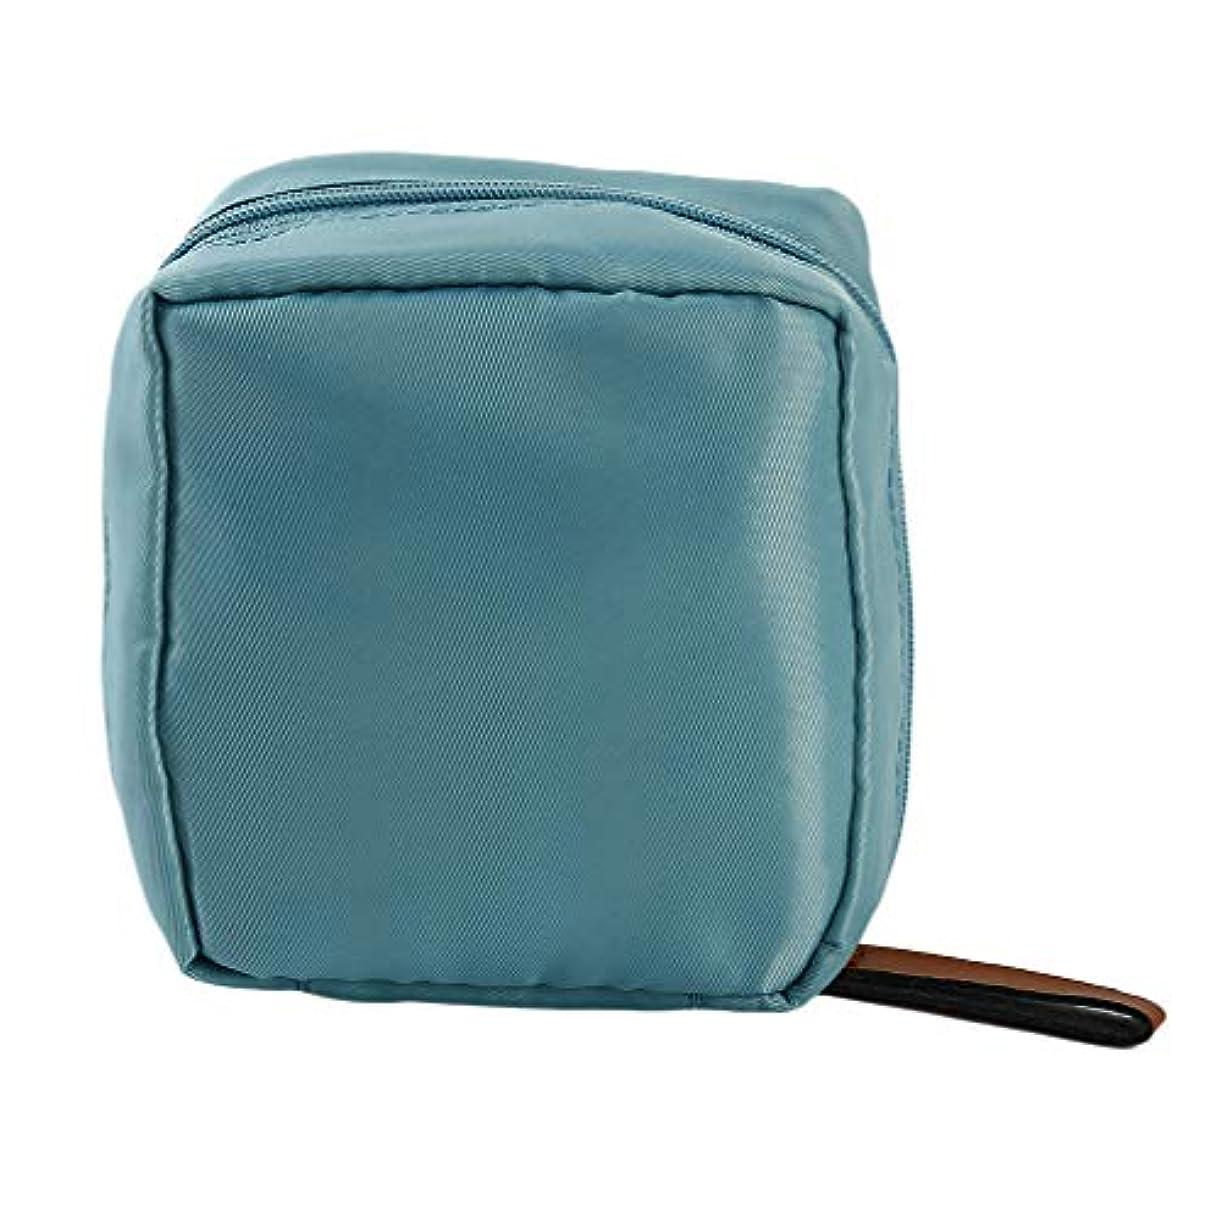 衝突すなわちナインへ青空の日差し 化粧ポーチ 収納ボックス トイレタリーバッグ ストライプ トラベルポーチ 化粧品 大容量 収納力抜群 旅行 出張 軽量 ブルー